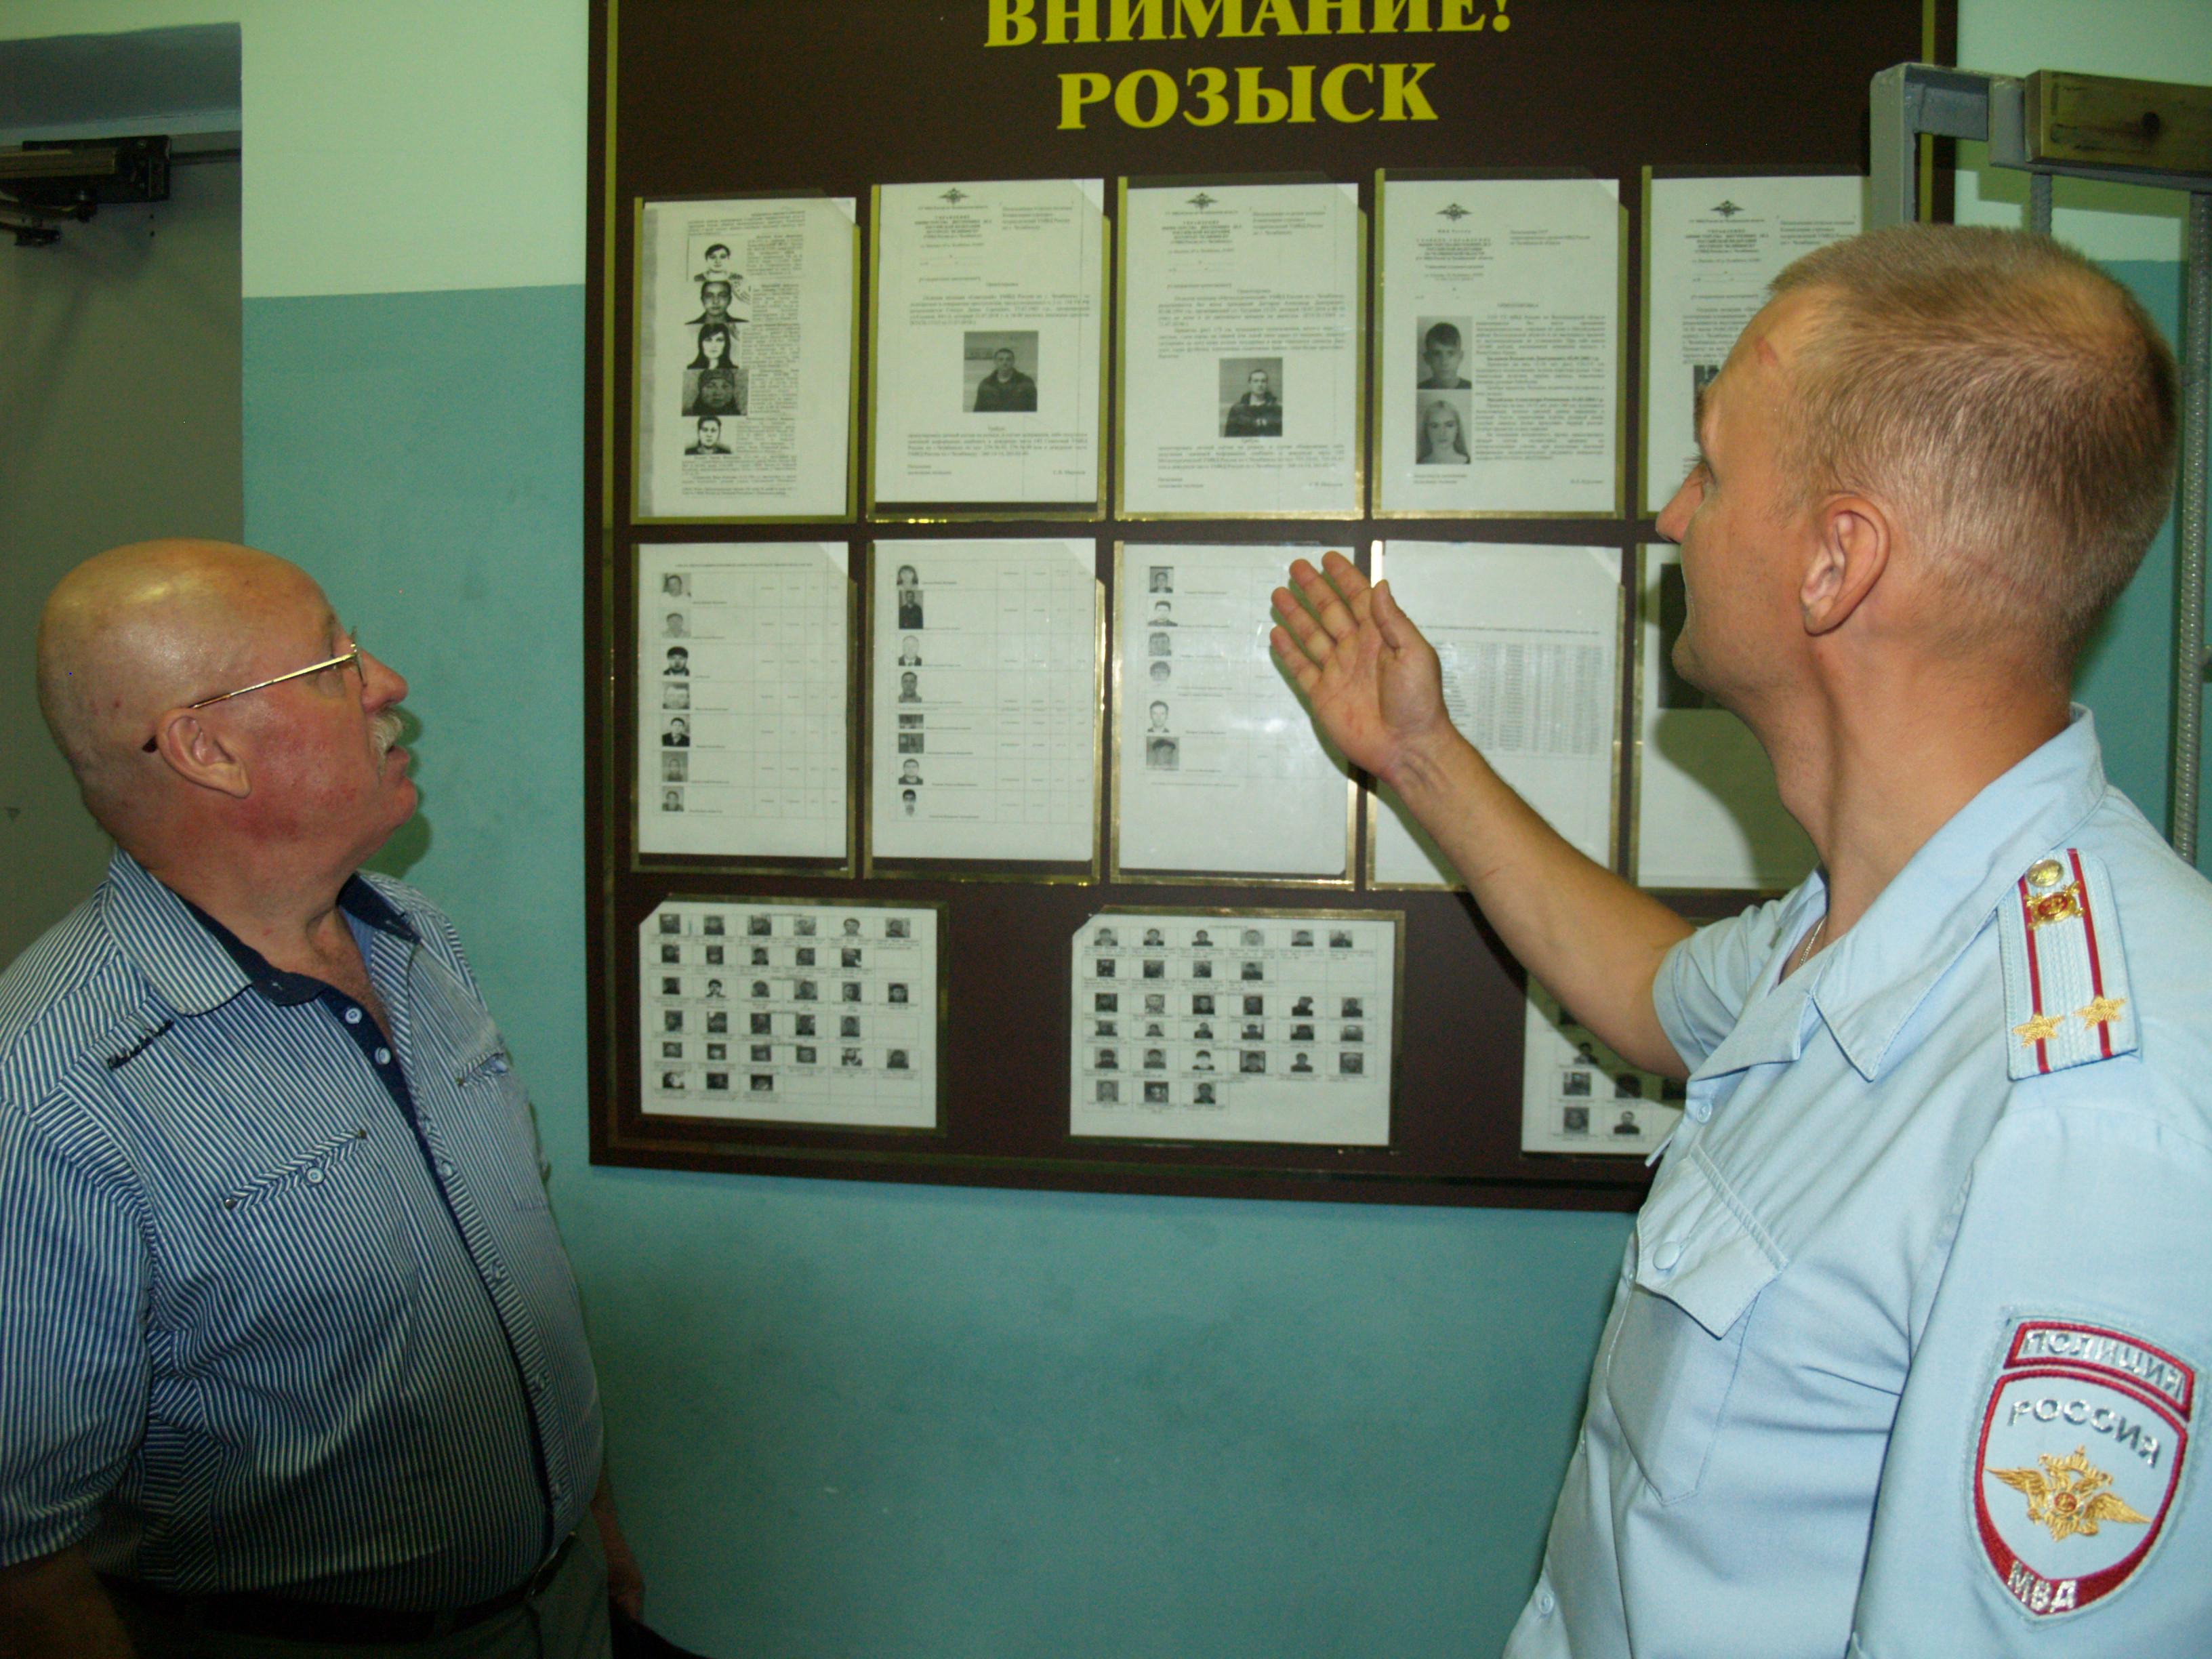 Сегодня, 29 марта, в региональном исполкоме «Единой России» депутаты и партийцы обсудили проблемы